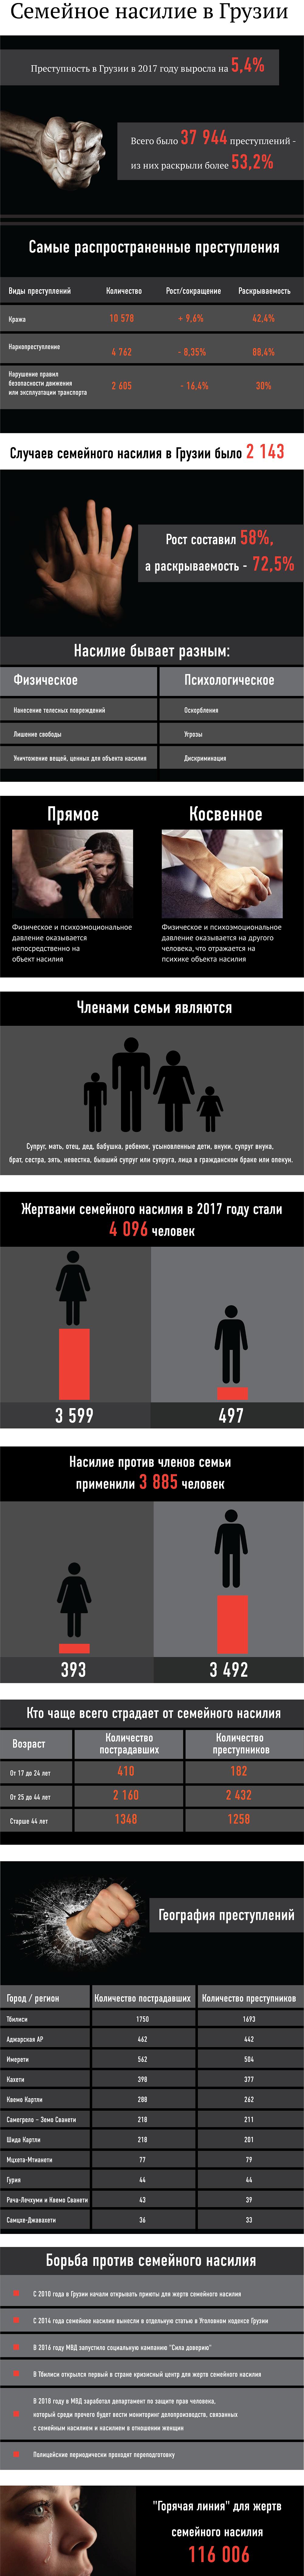 Семейное насилие в Грузии